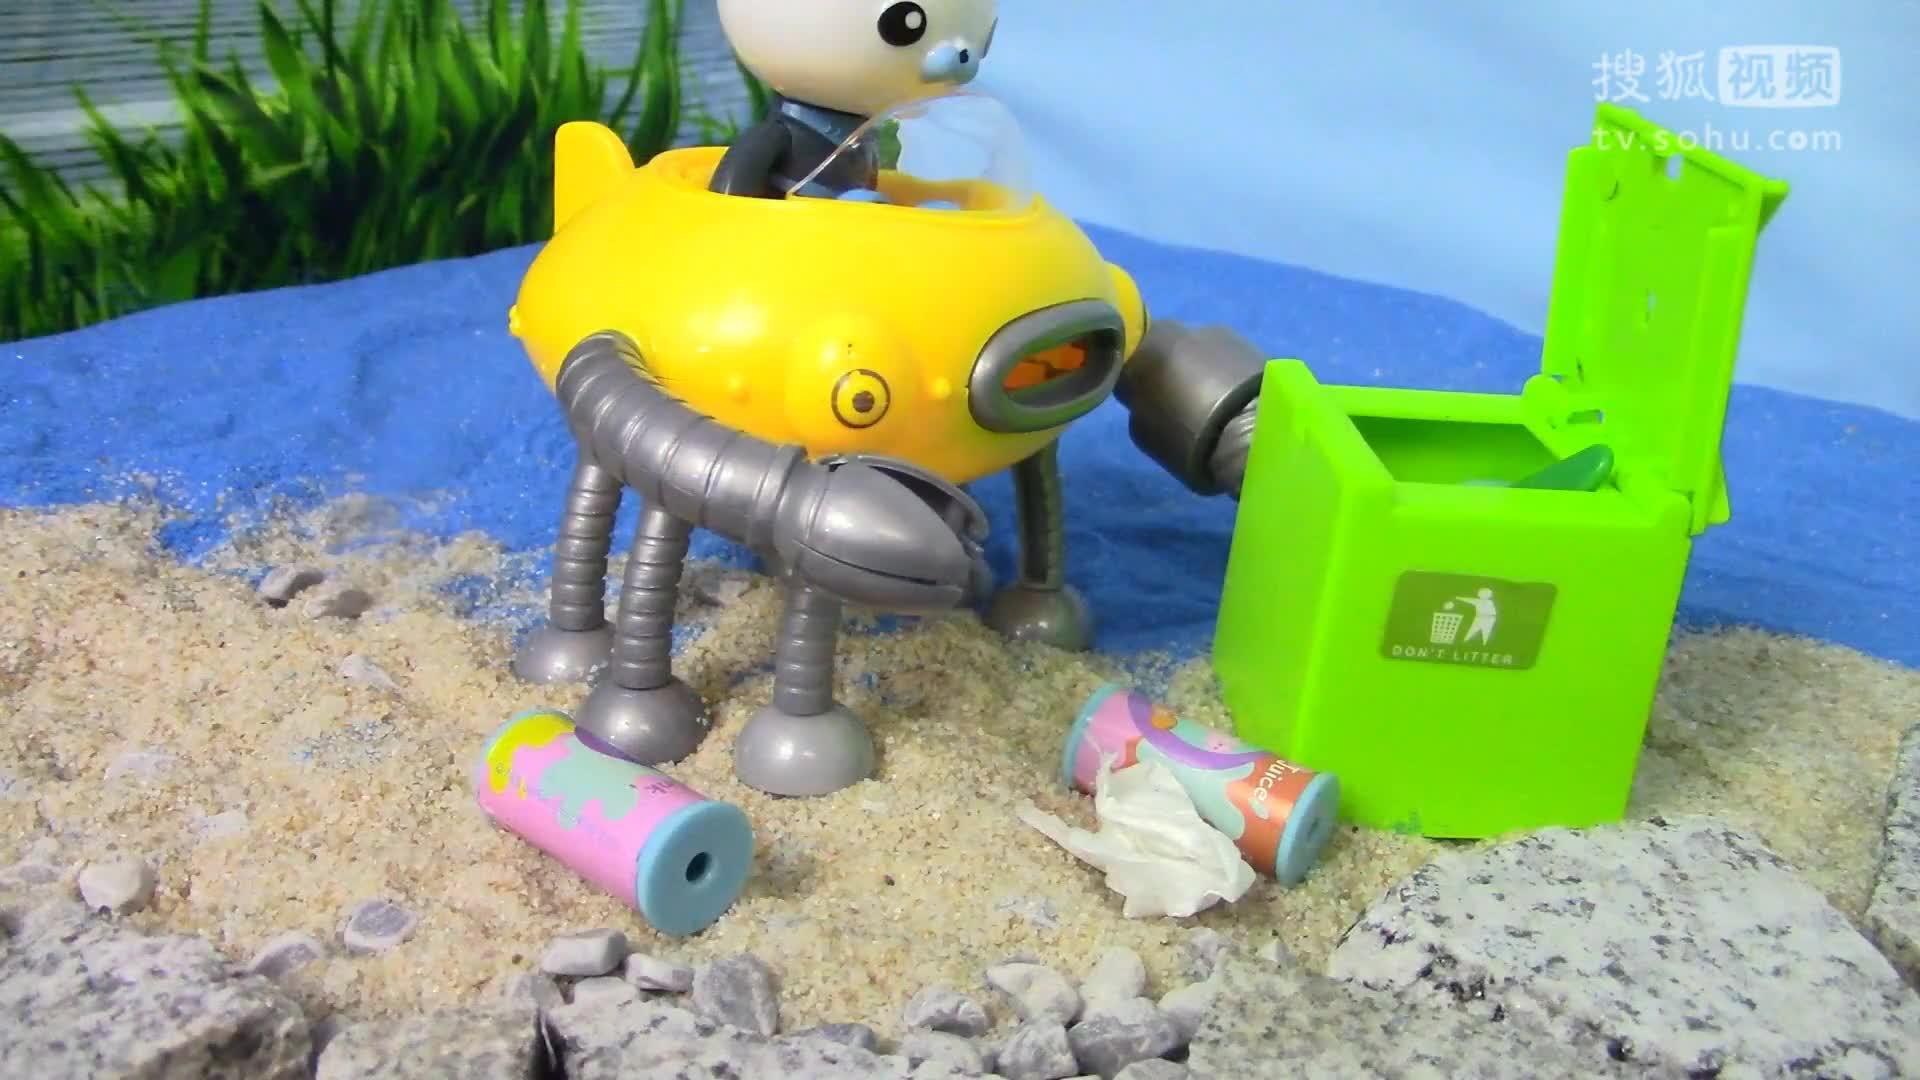 海底小纵队第4季玩具清理沙滩 亲子过家家